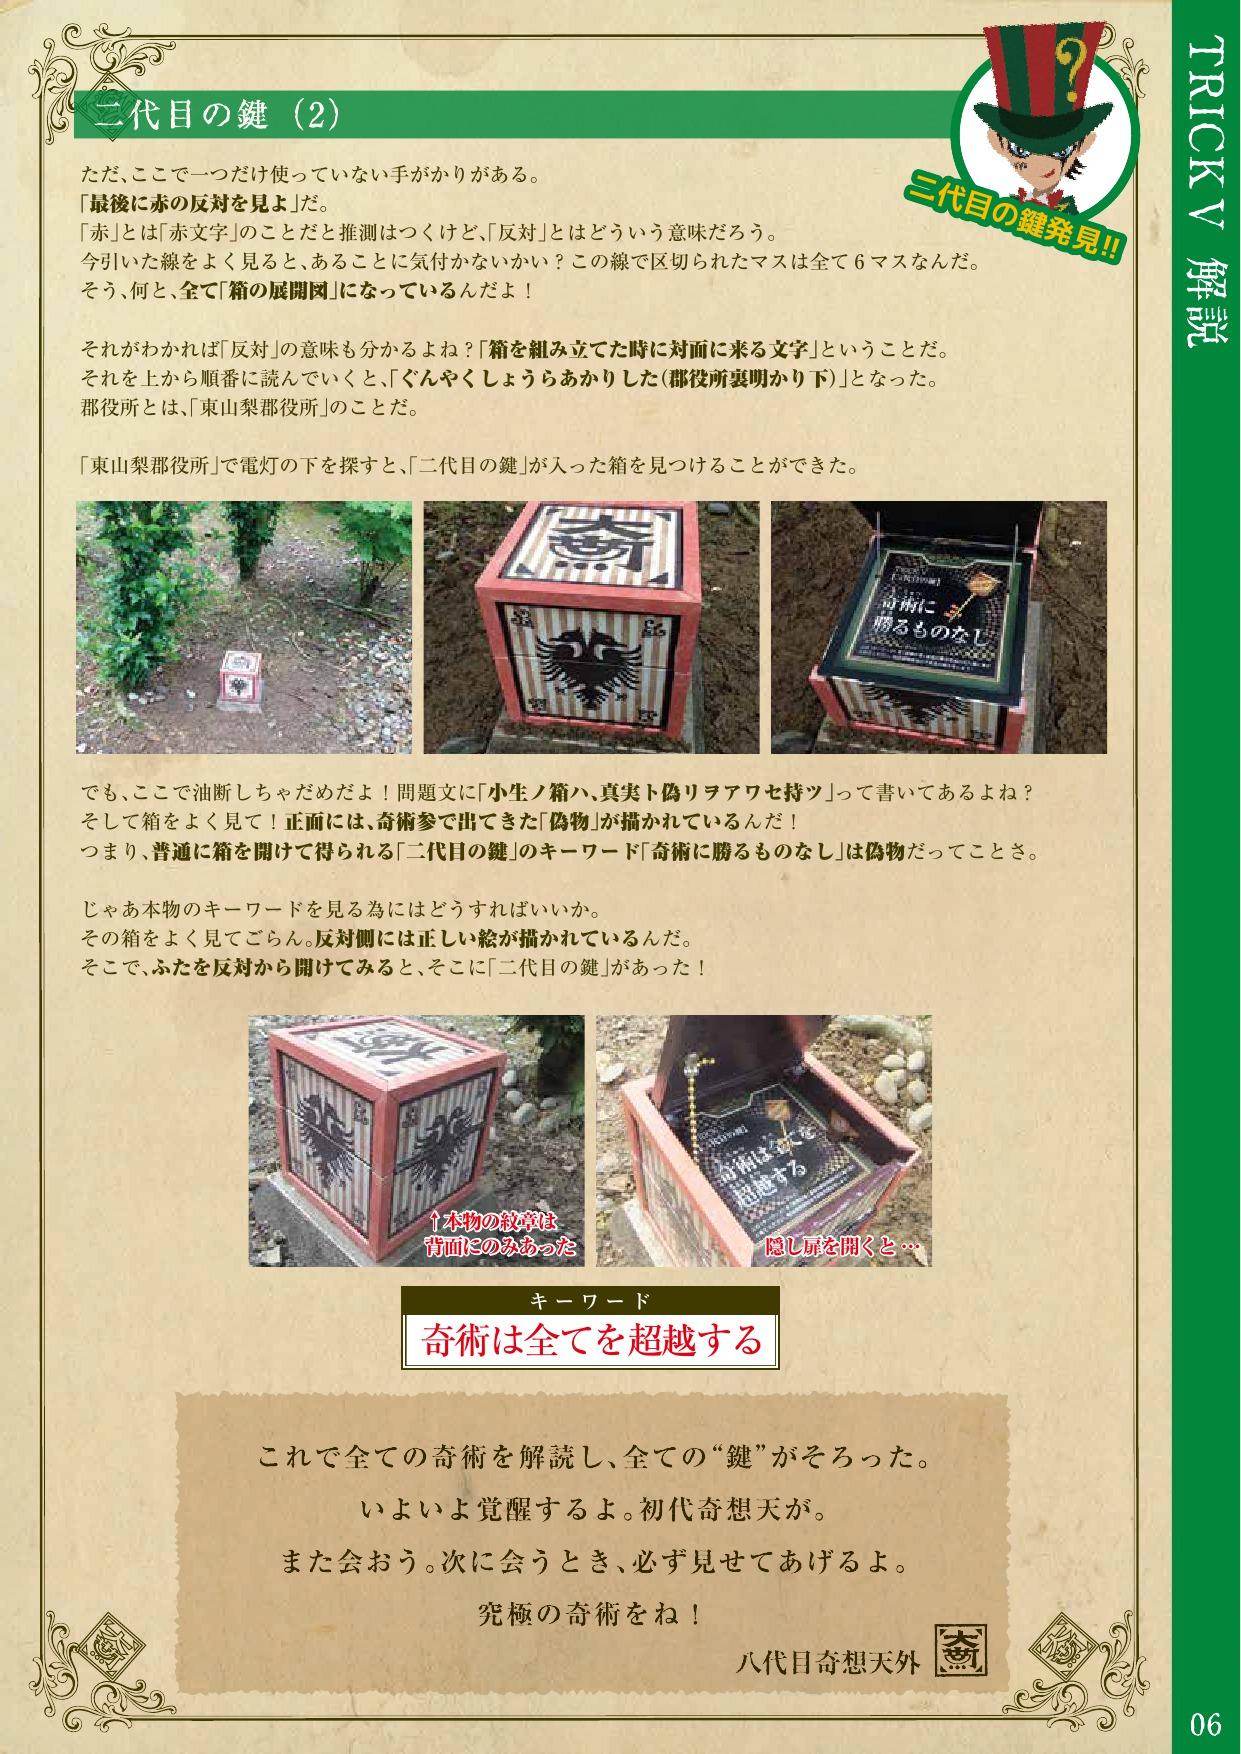 明治村探検隊トリックⅤの解答 (6)